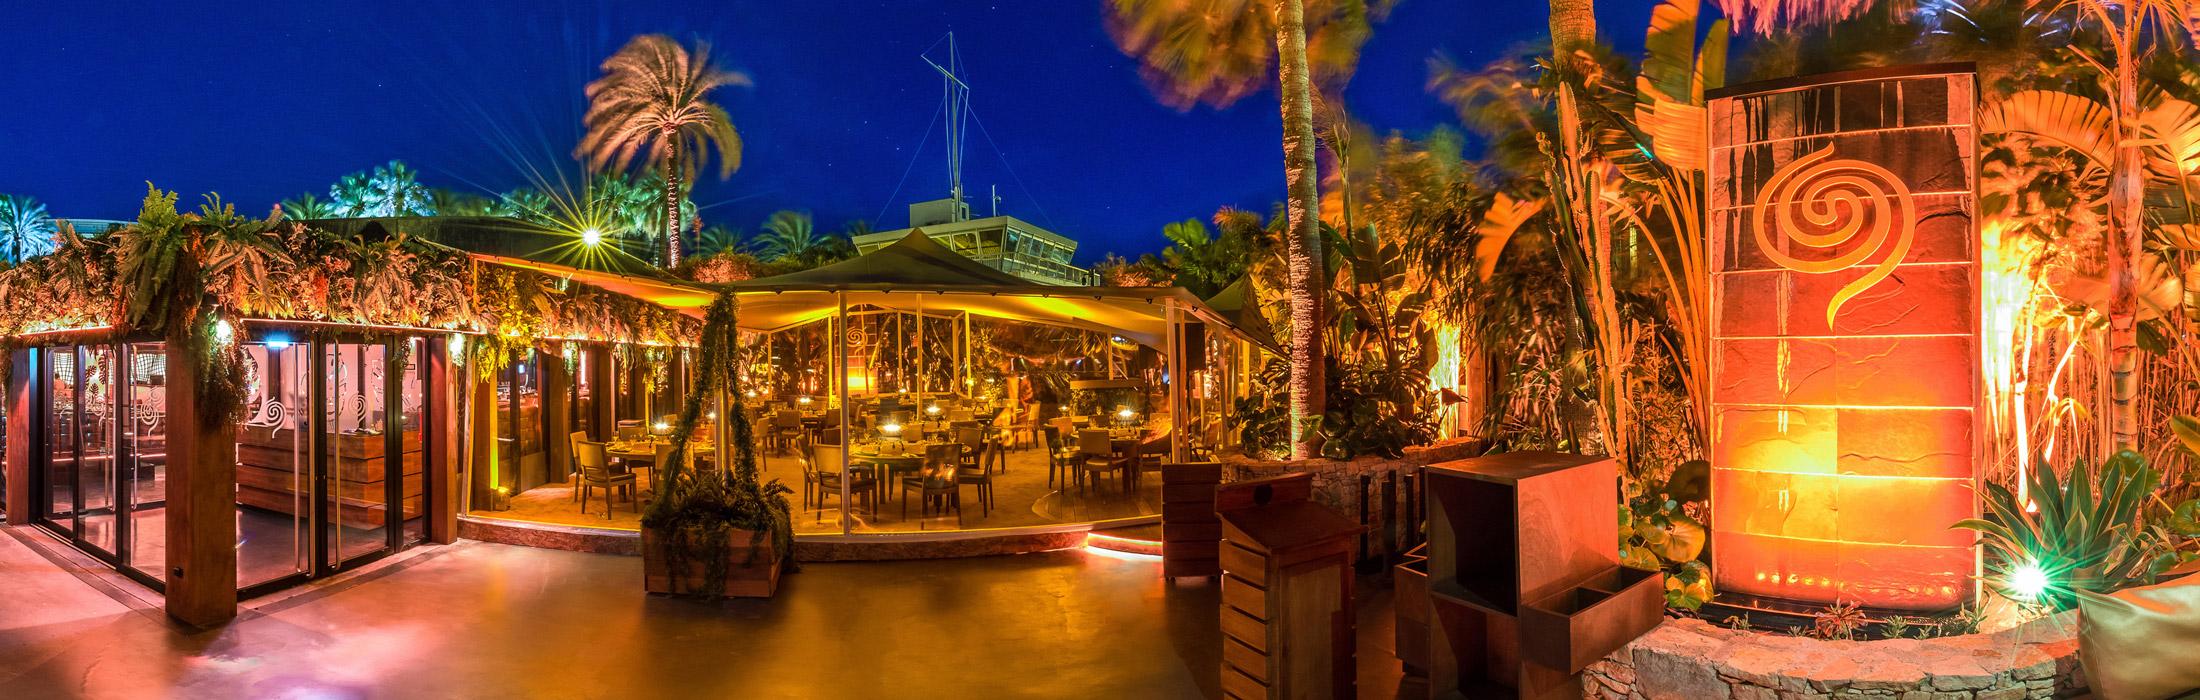 extérieur du bâoli avec une ambiance tropicale sous les palmiers et une lumière orange